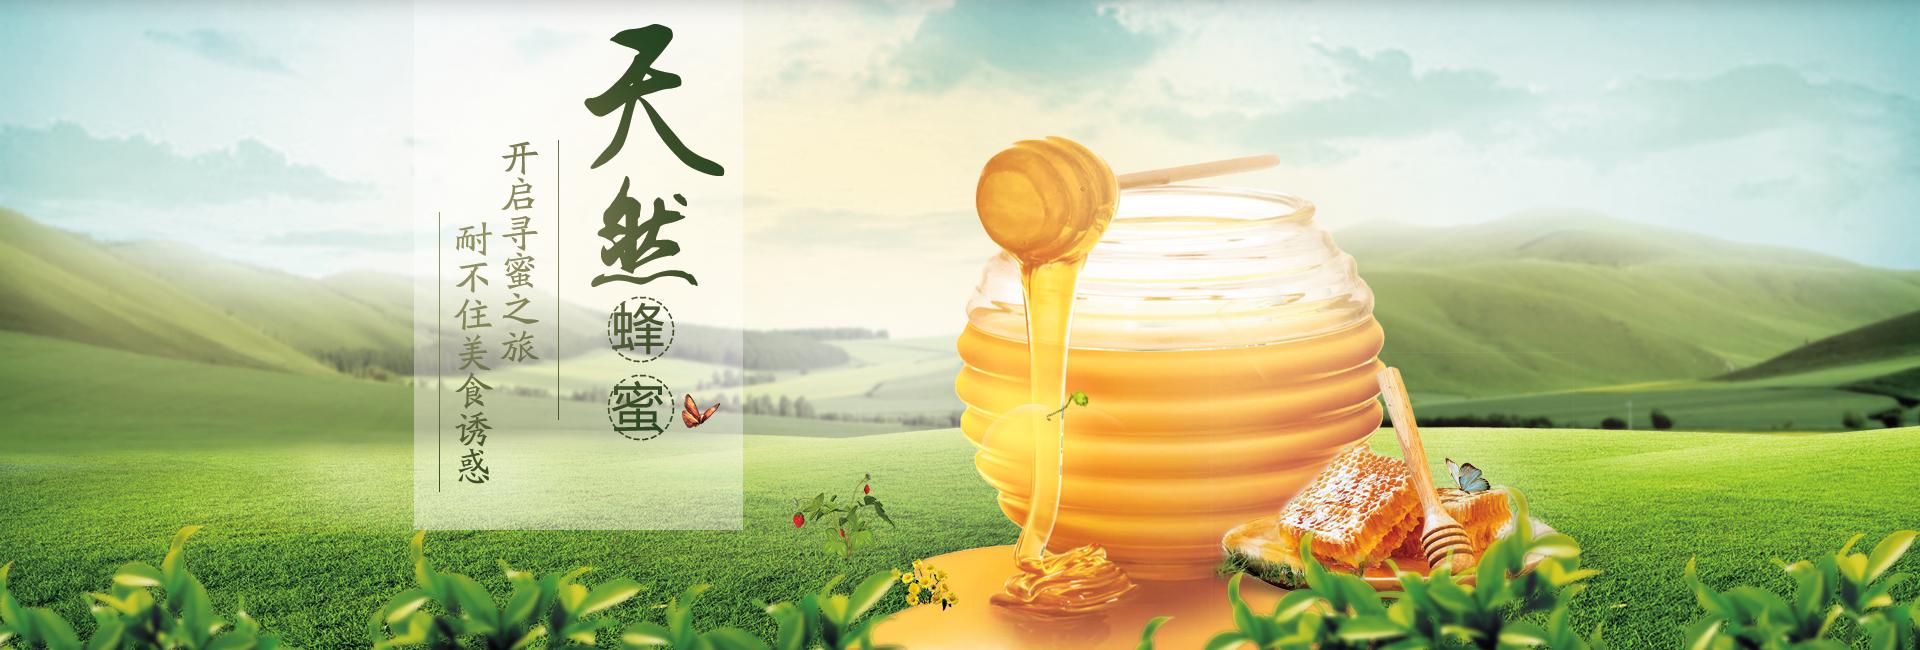 土蜂蜜批发